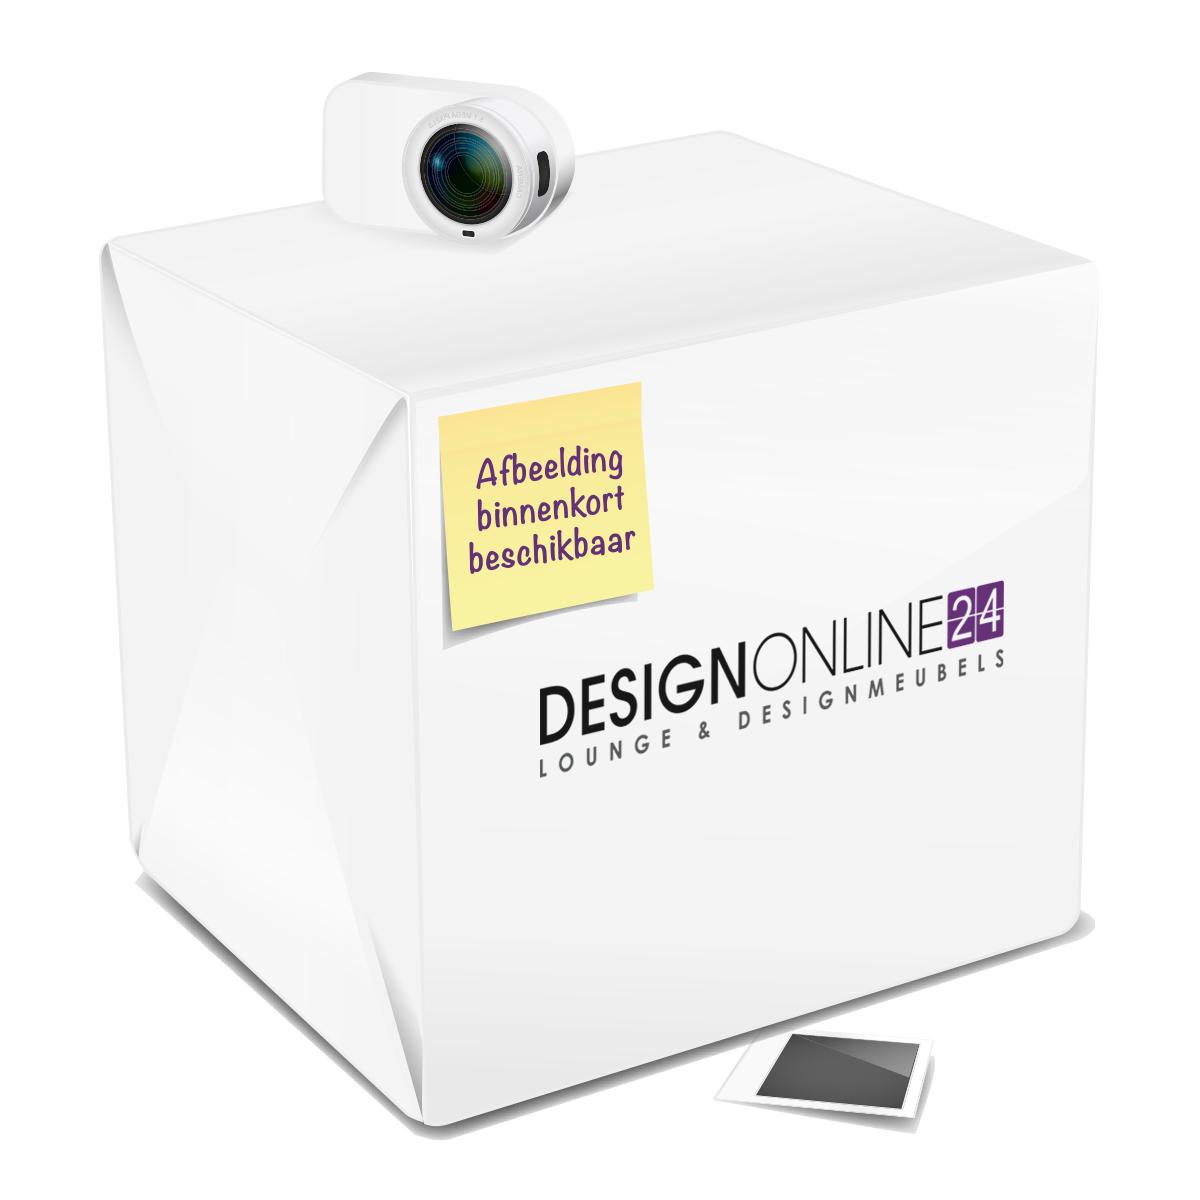 24Designs 24Designs 4 persoons werkplek Nova - compleet gemonteerd opgeleverd